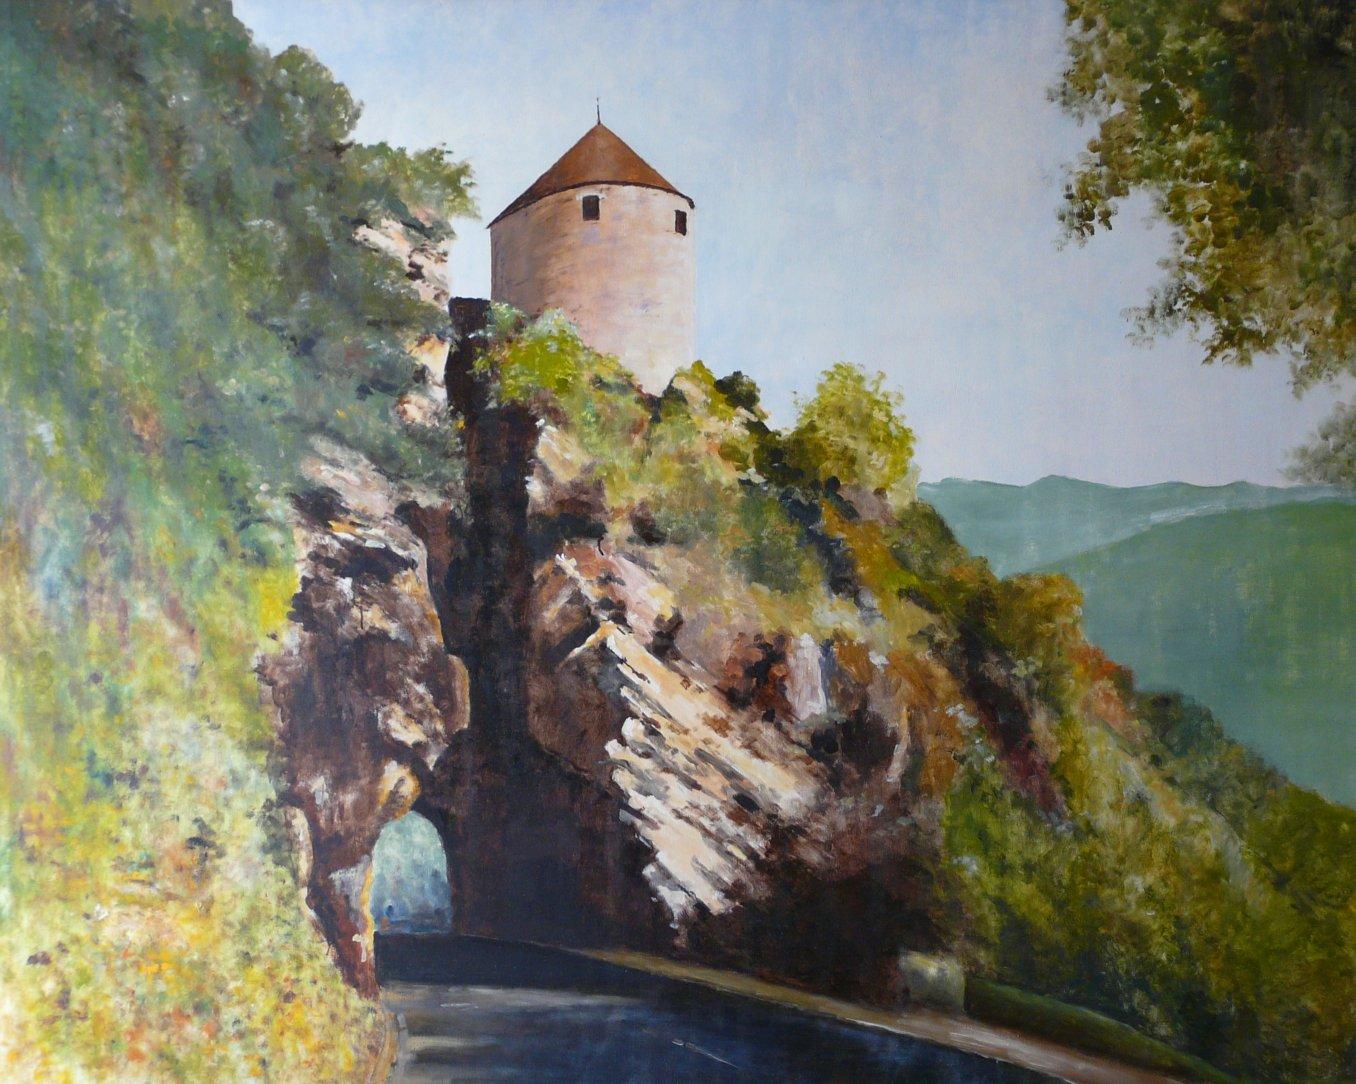 Galerie de peintures de pierre van on for Pierre mabille le miroir du merveilleux